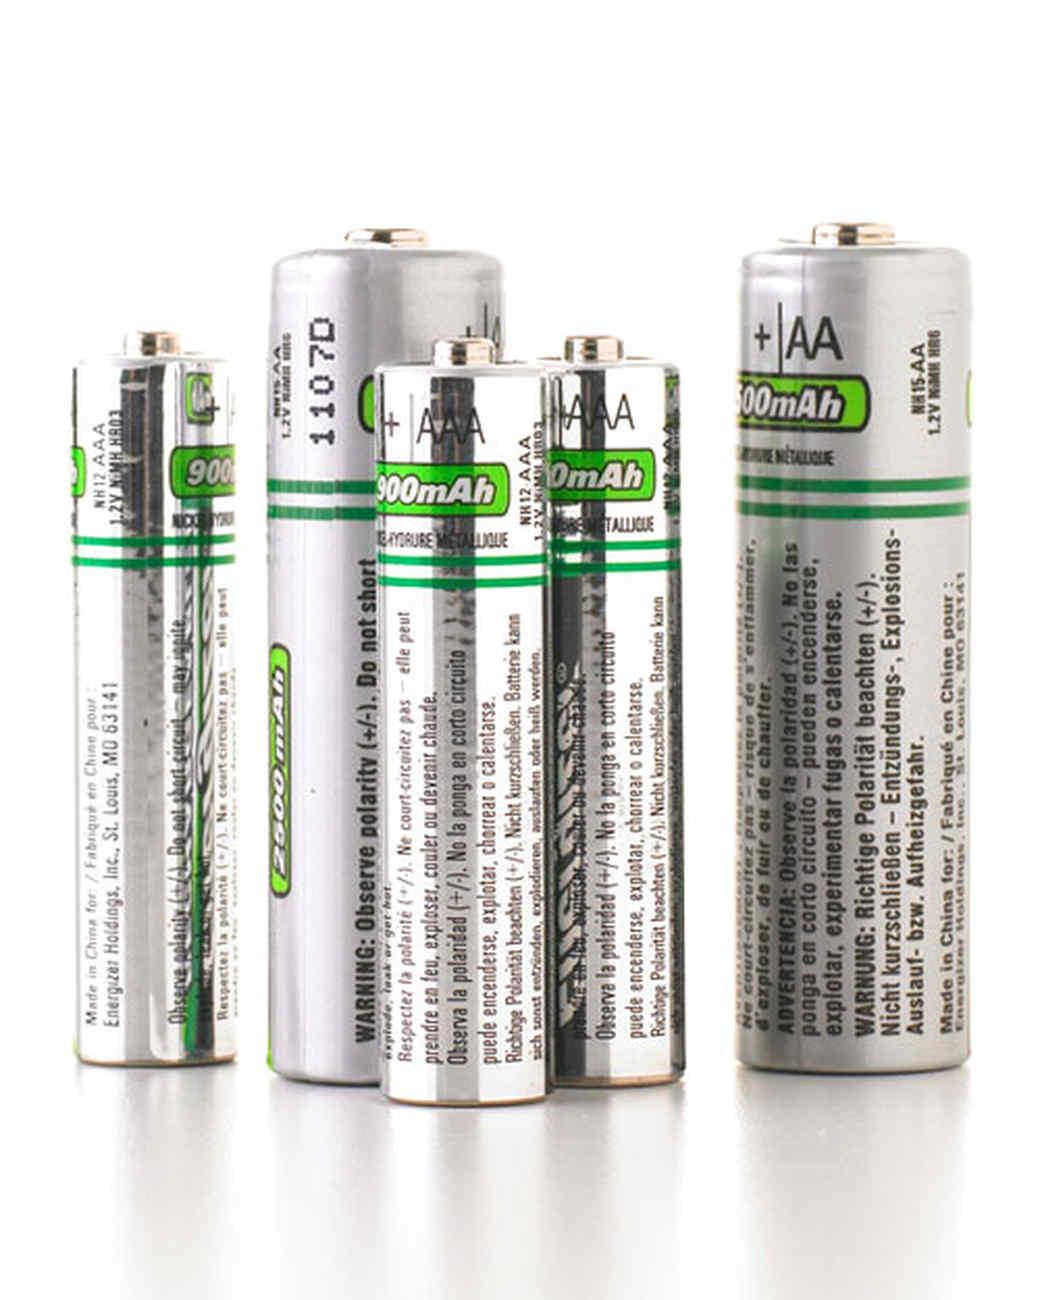 mld103796_sip08_batteries.jpg